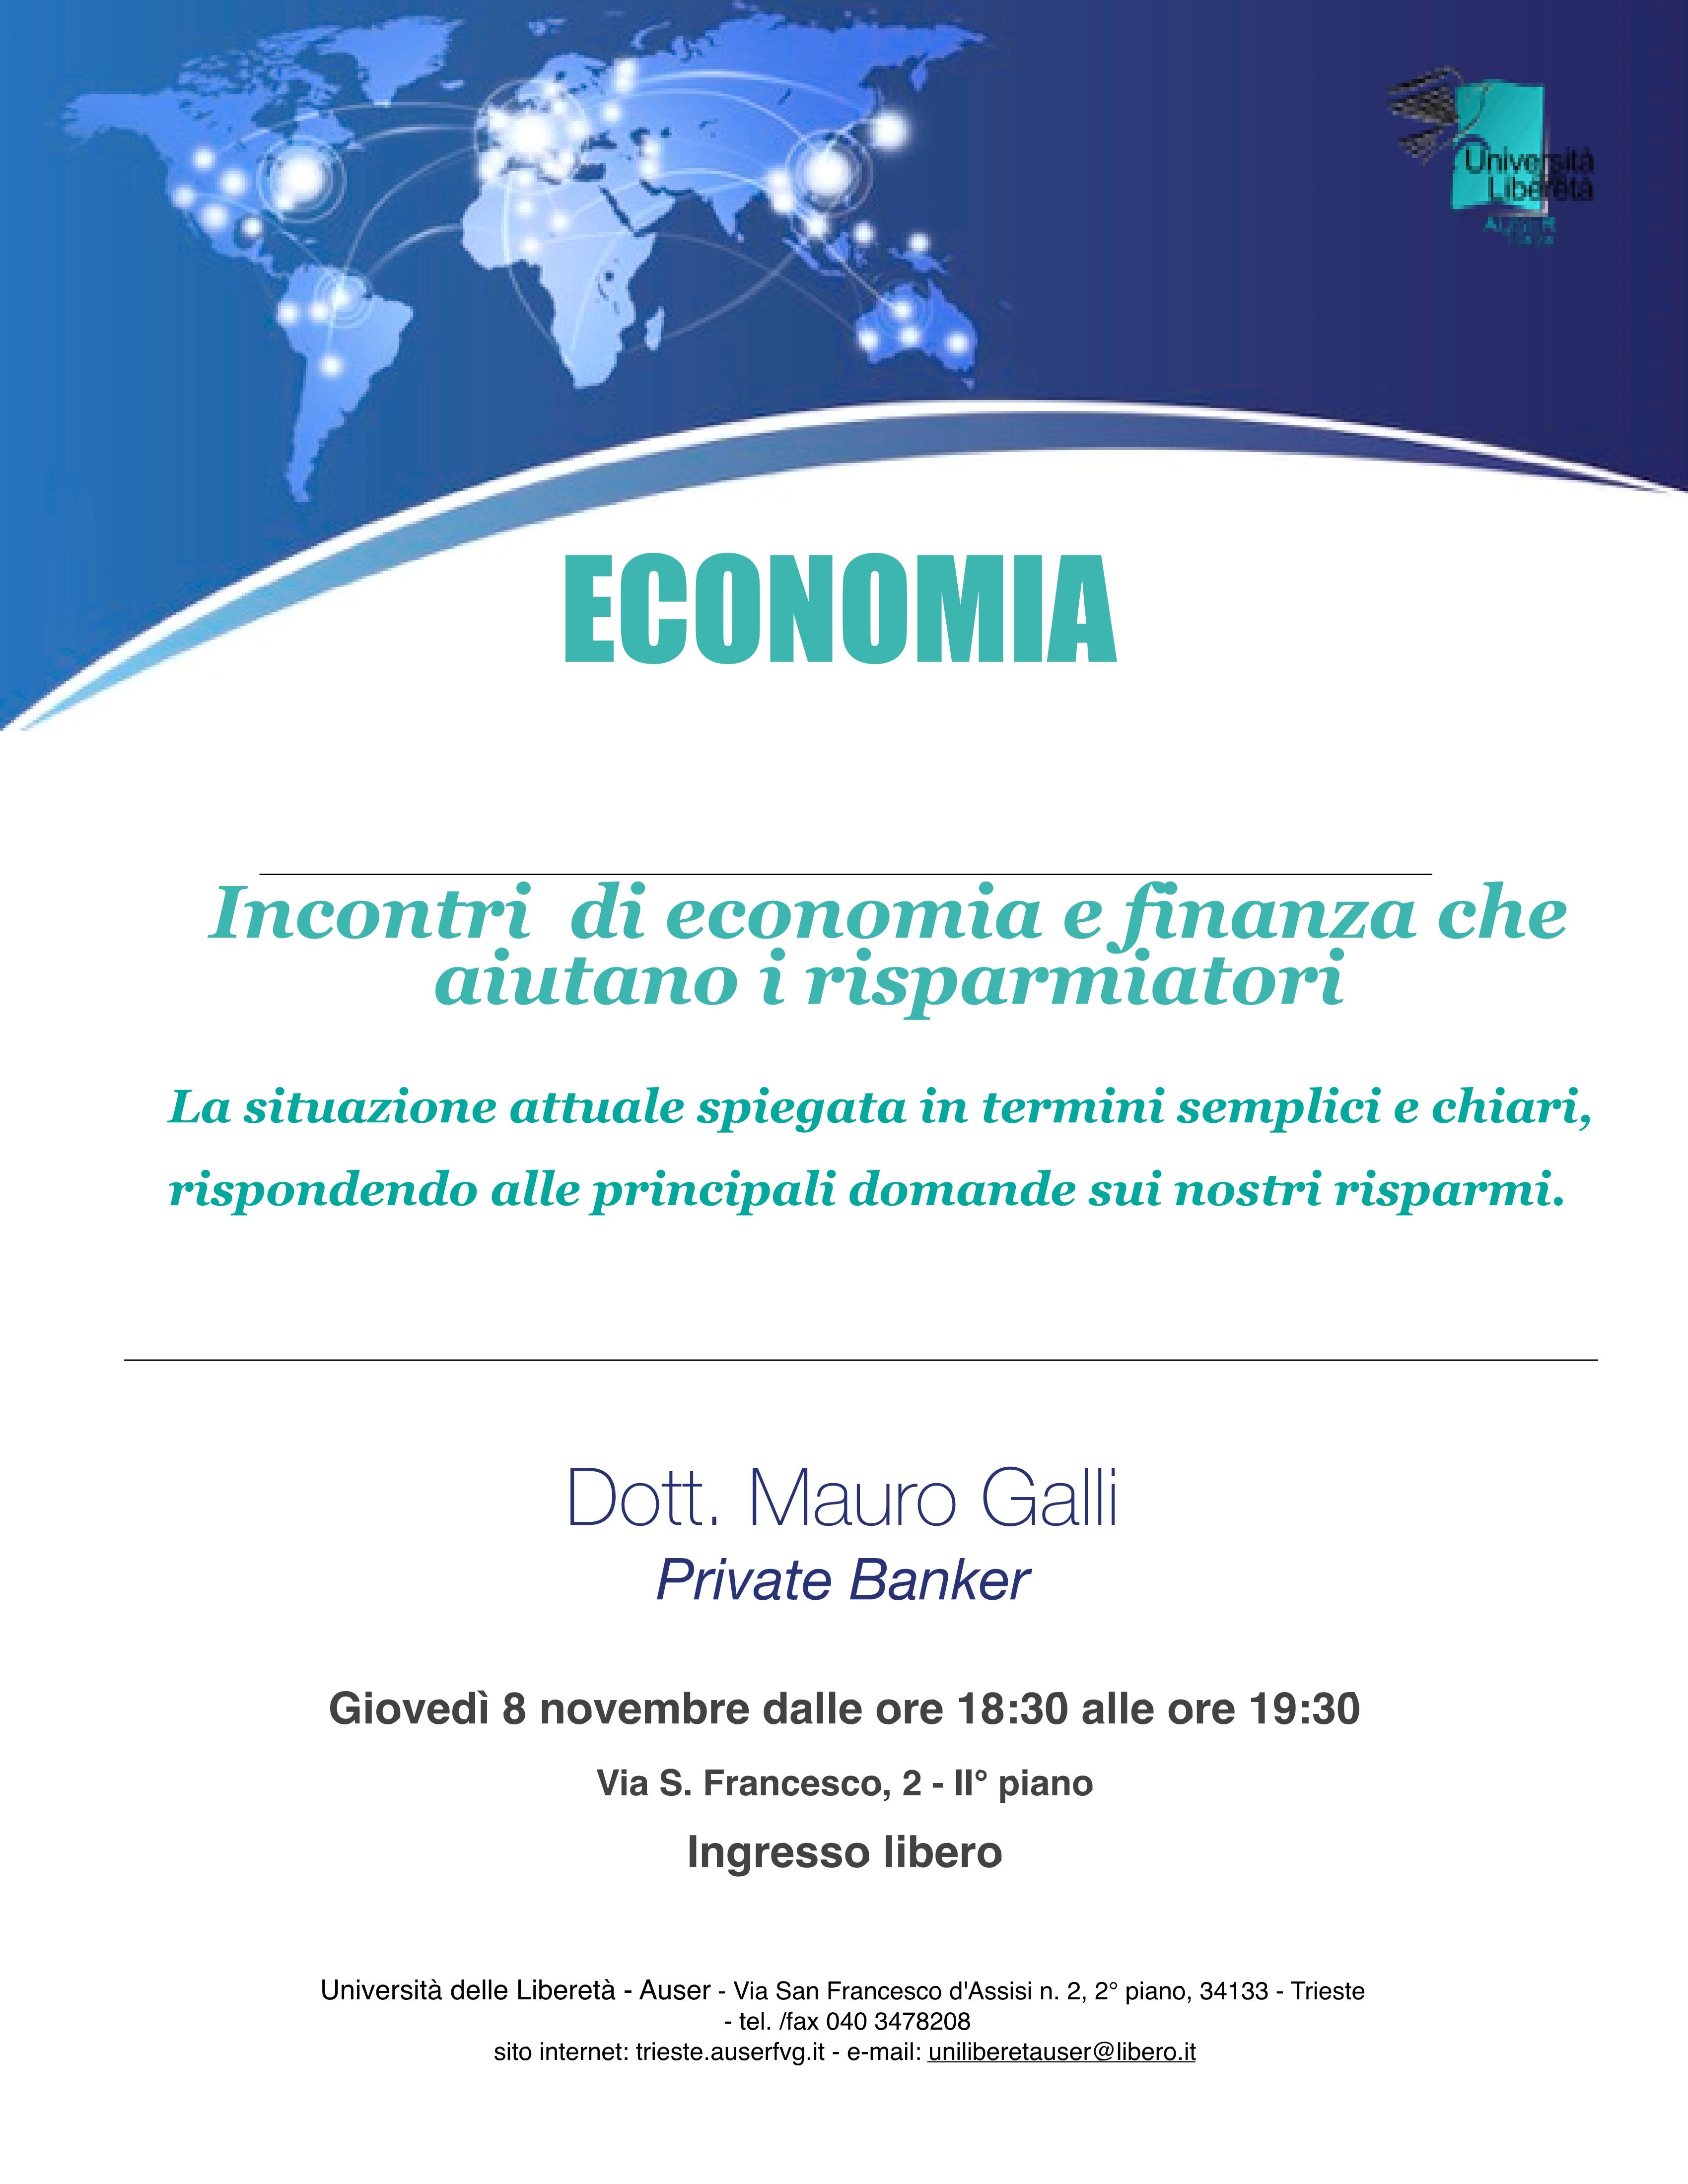 Economia e finanza 8 novembre 20181